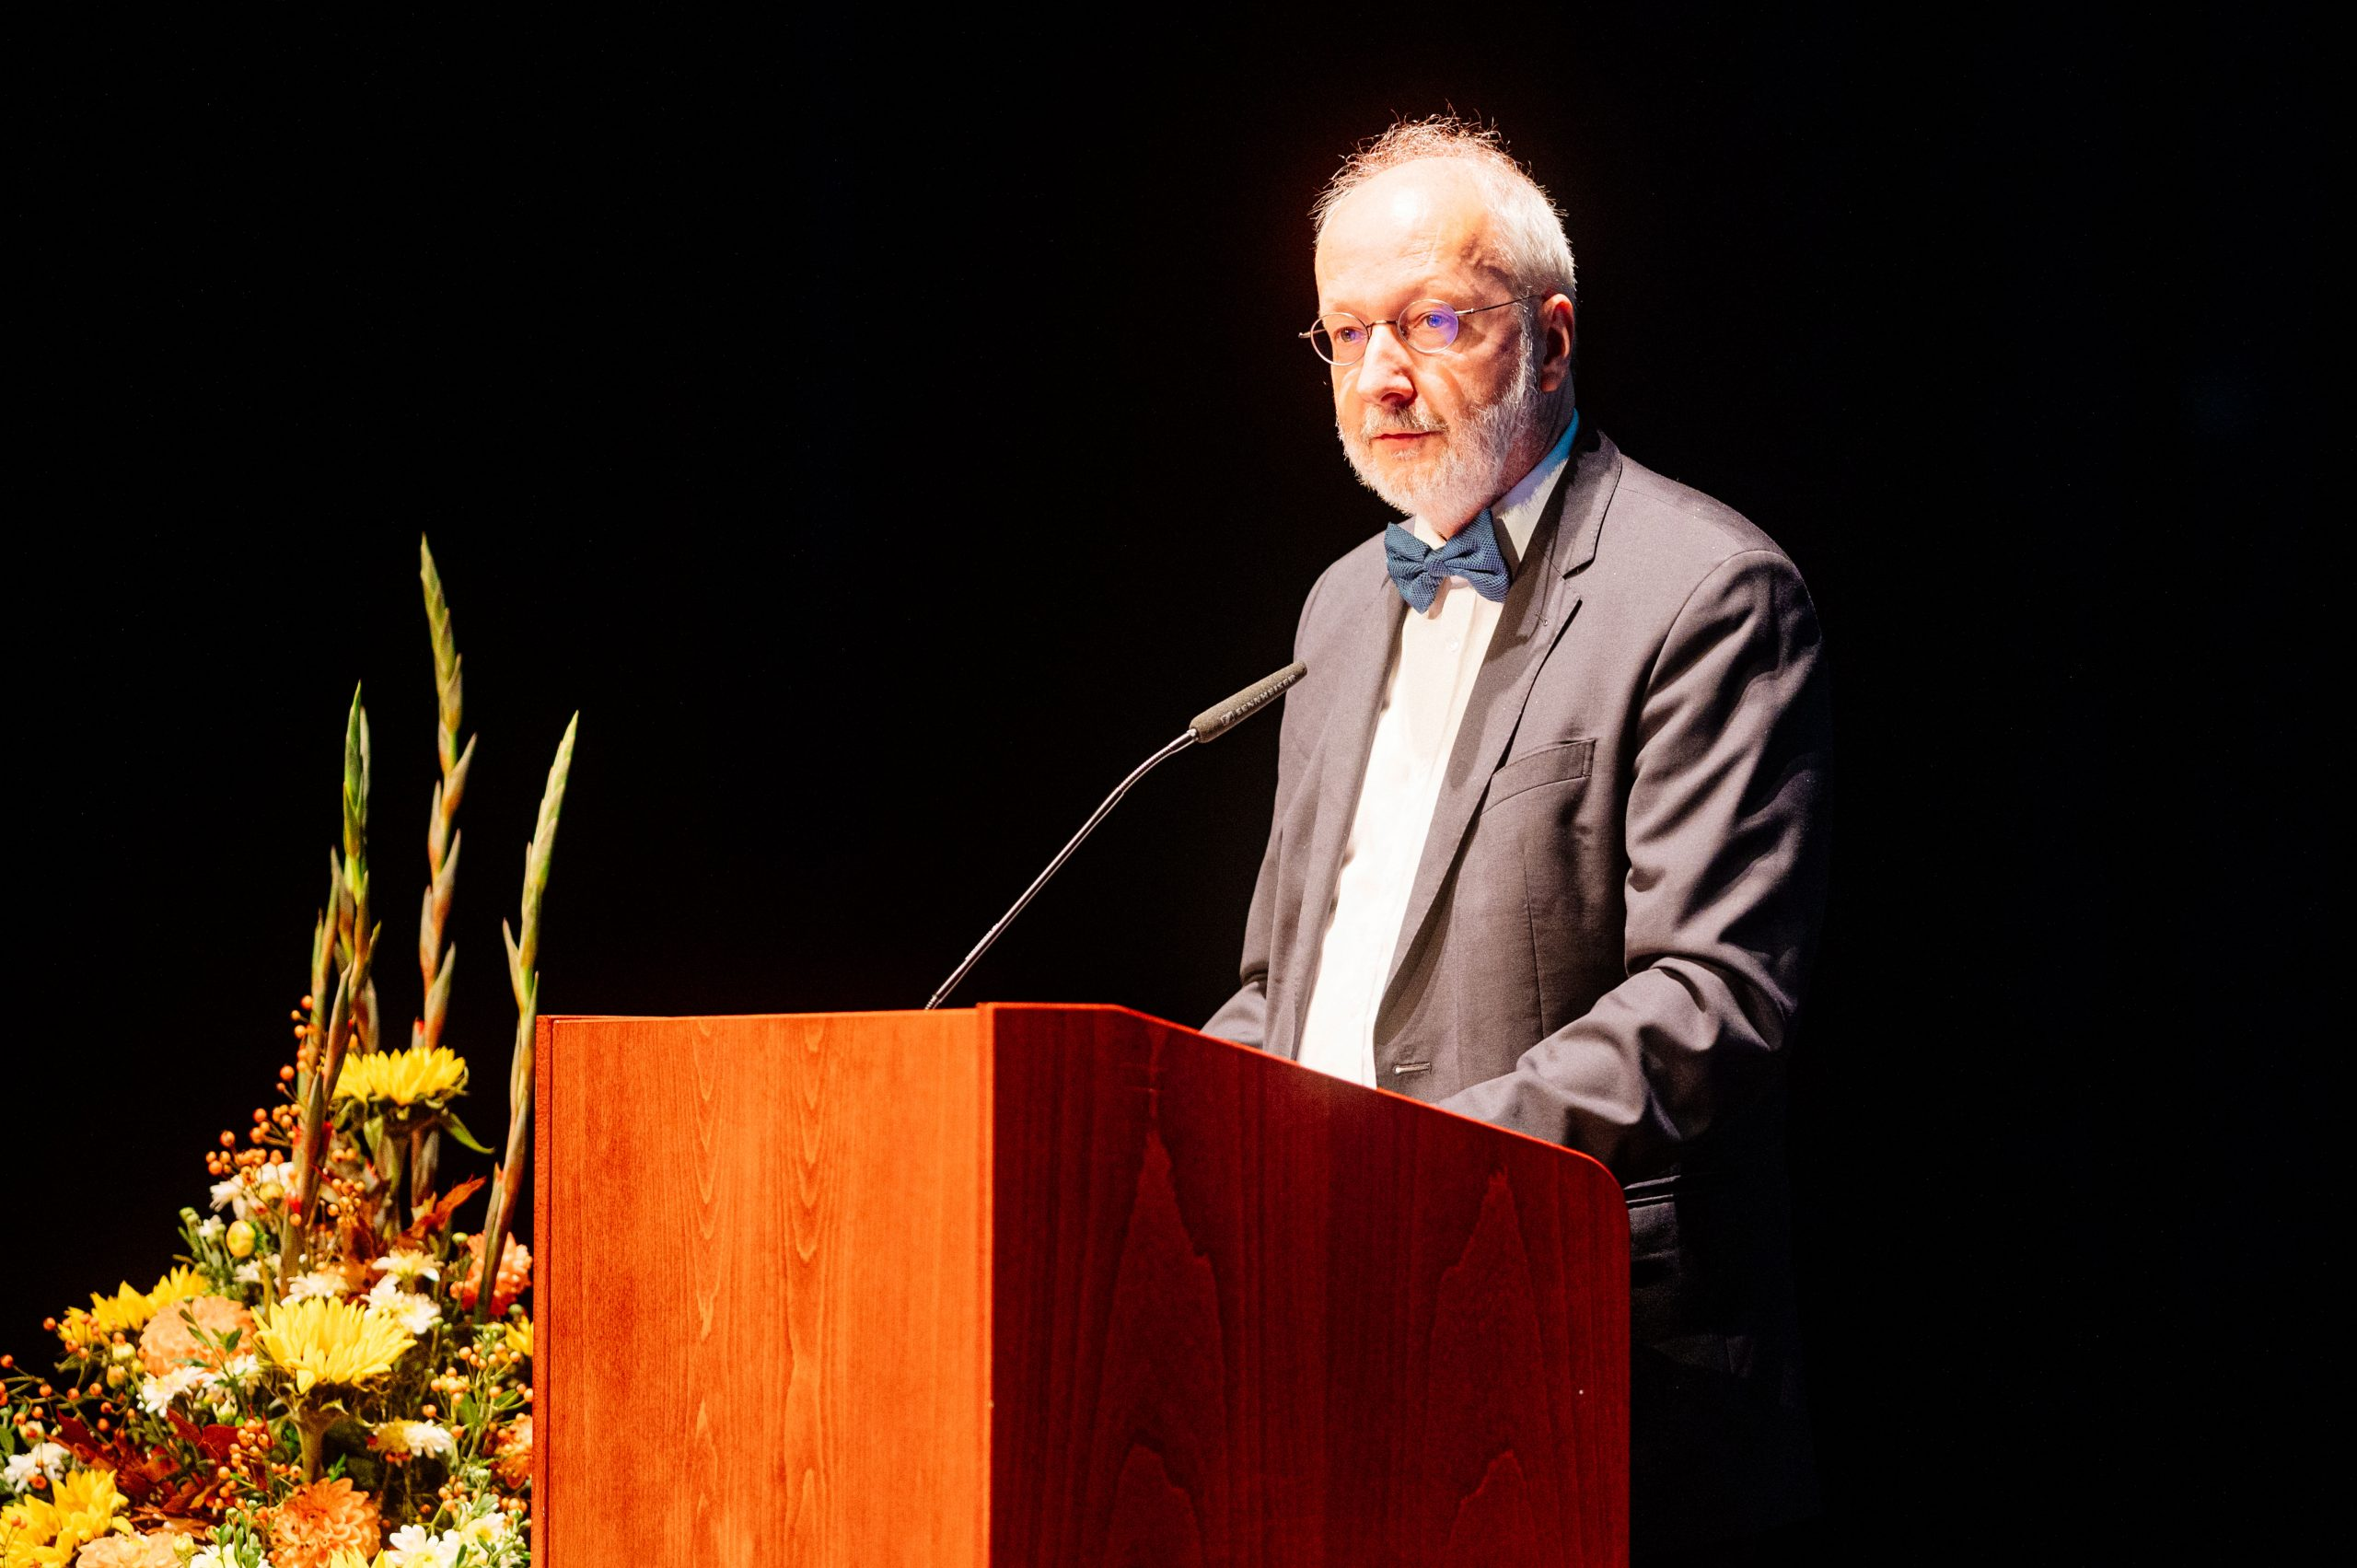 Christoph Stiegemann